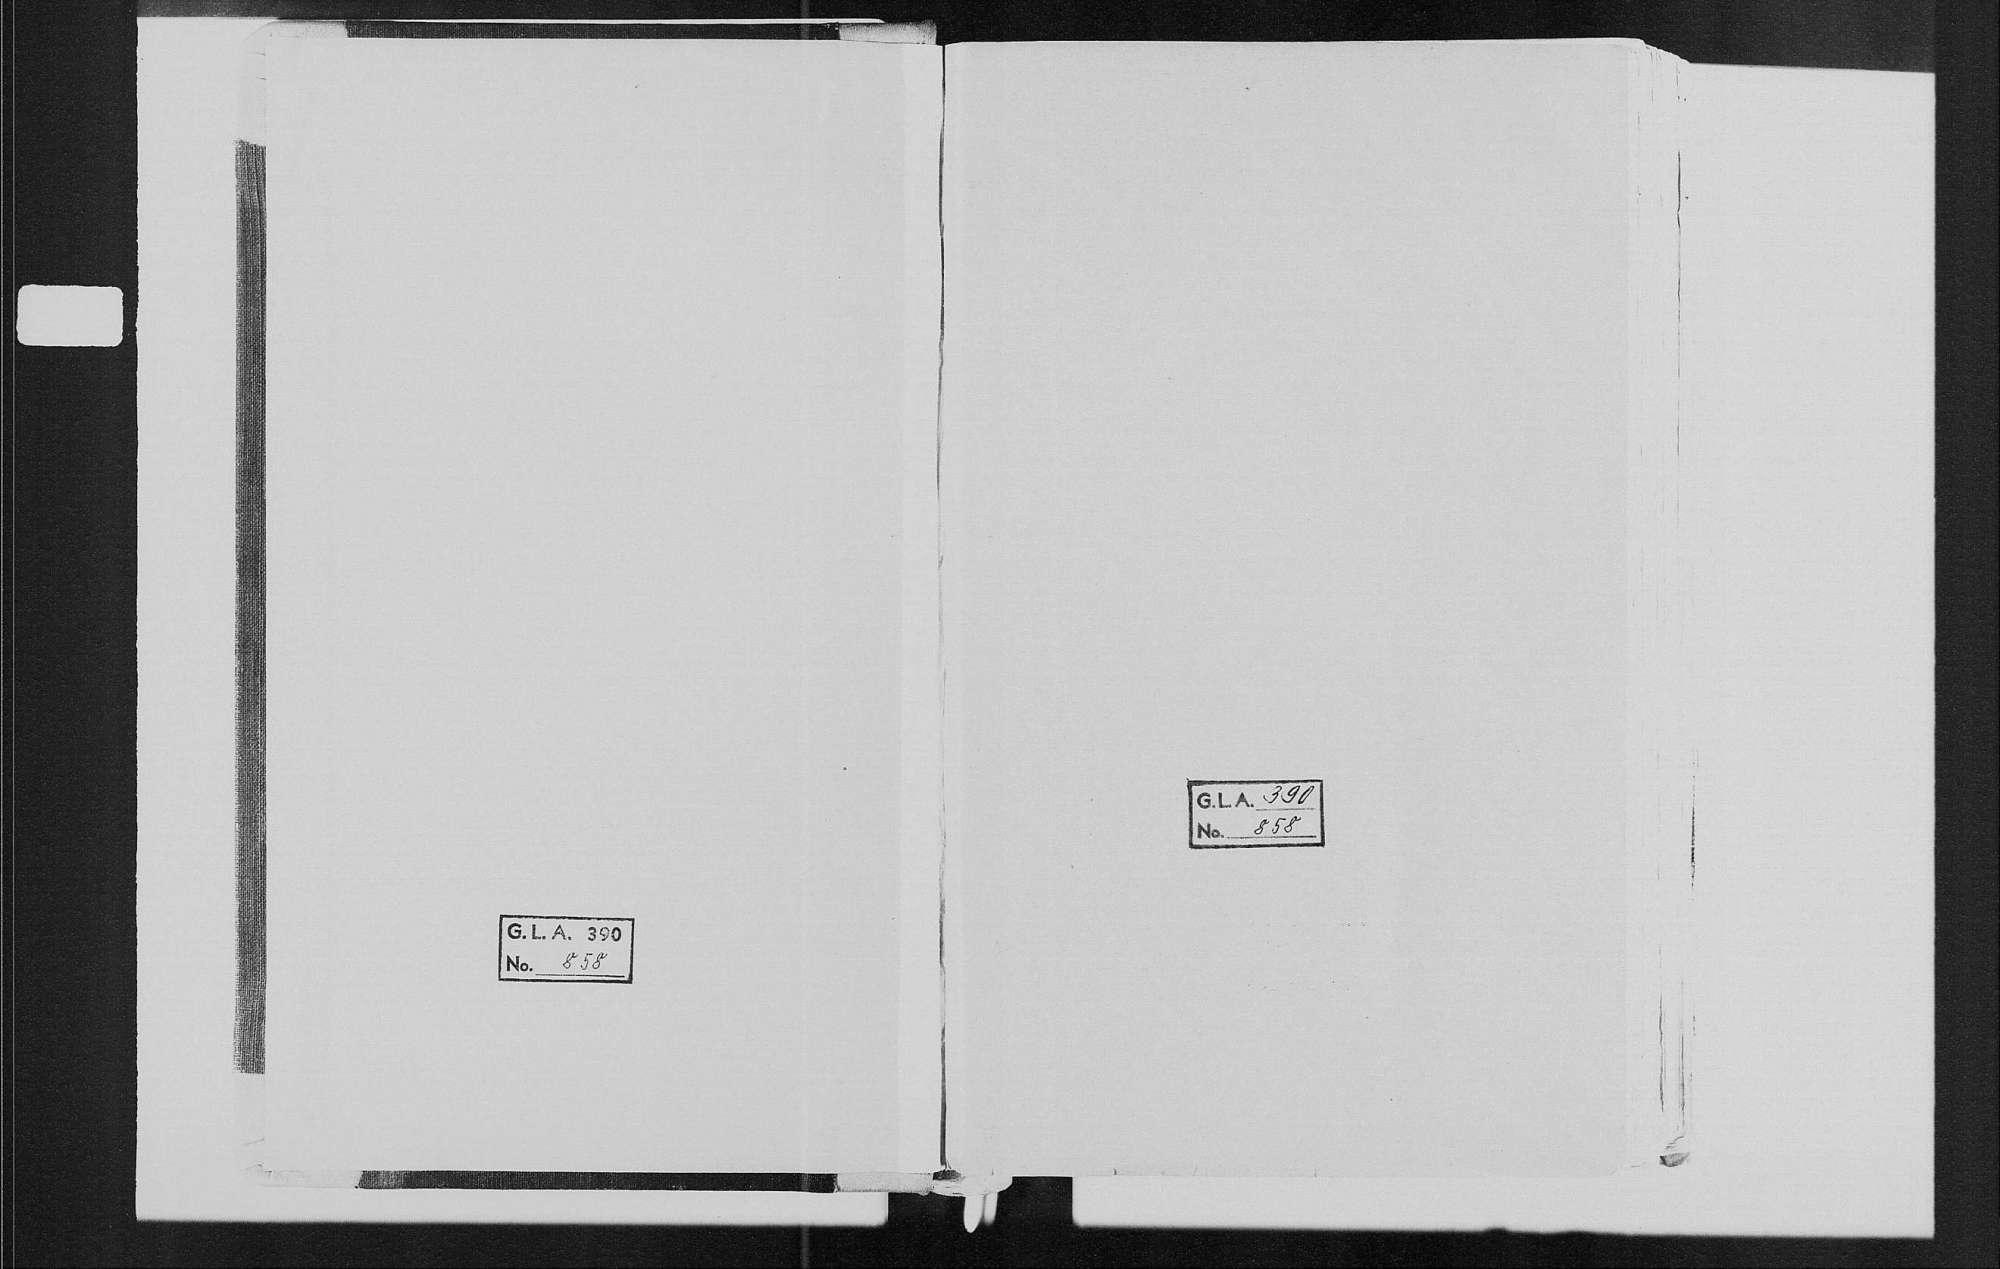 Bühl (Ortsteil Kappelwindeck), katholische Gemeinde: Geburtenbuch 1848-1868, Bild 2